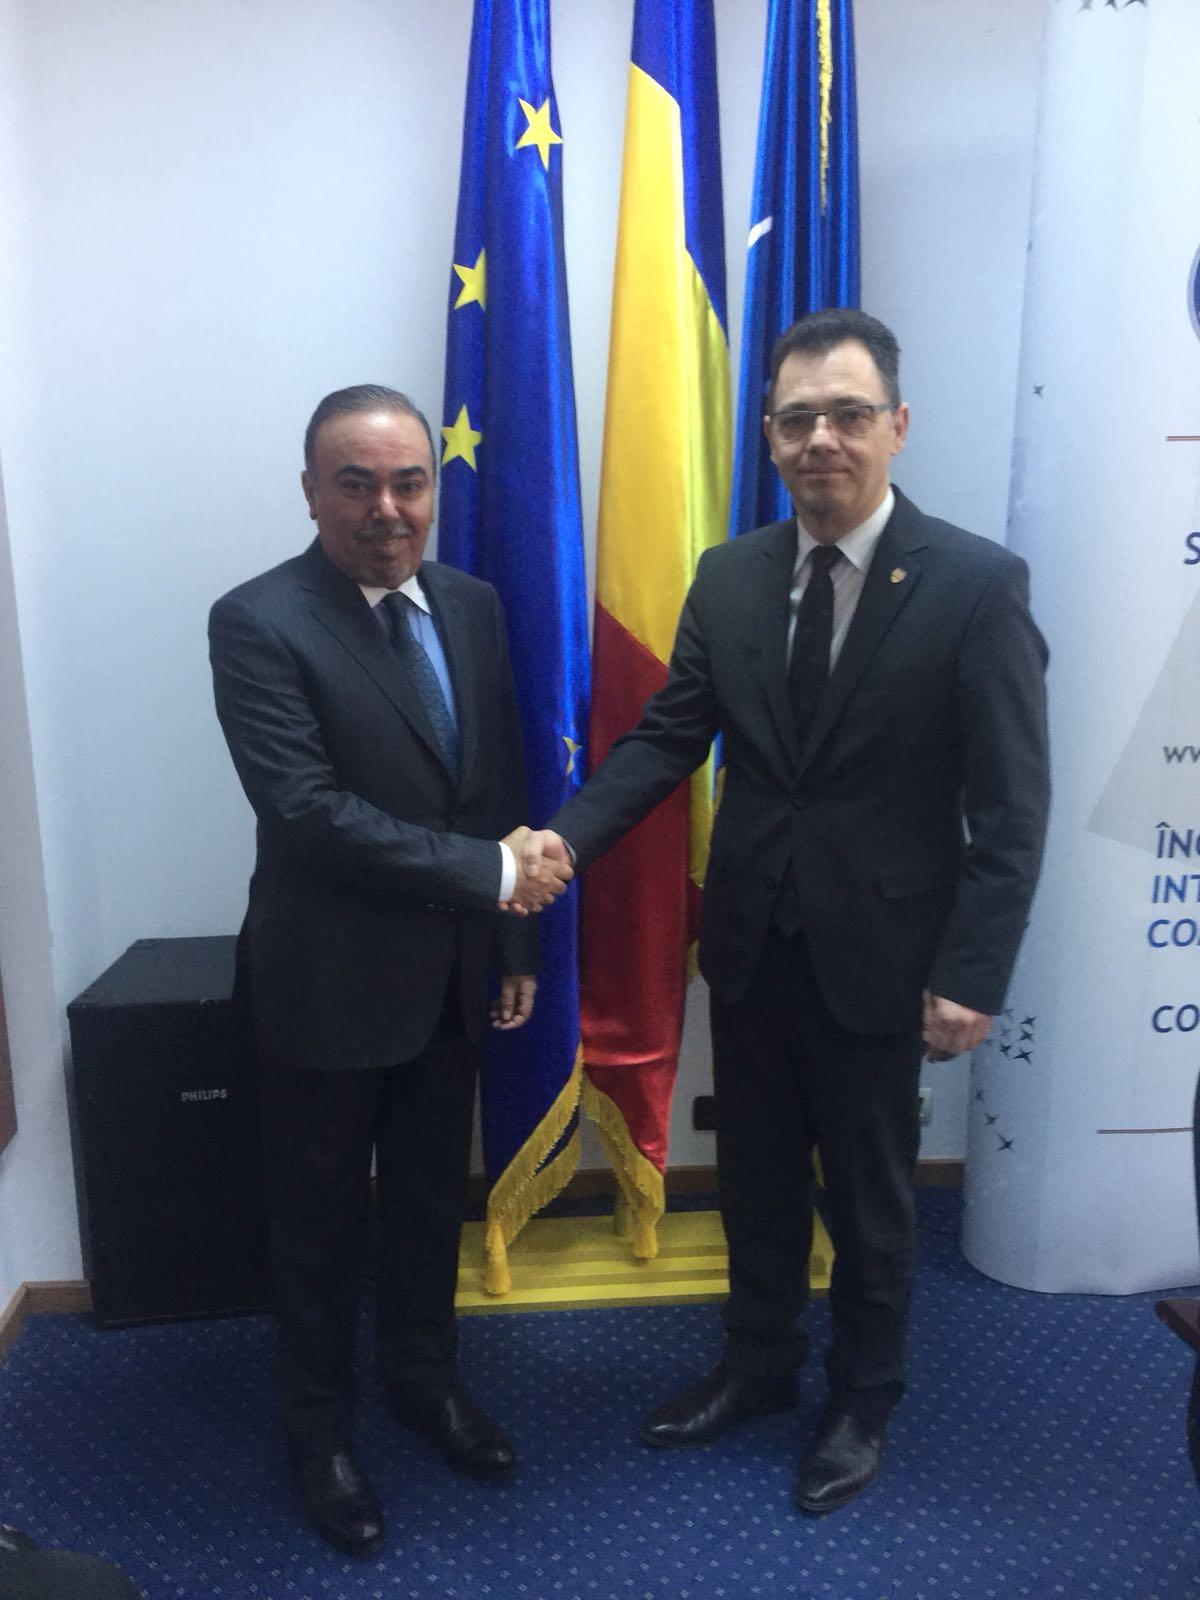 وزير بيئة الأعمال والتجارة الروماني يجتمع مع سفير قطر